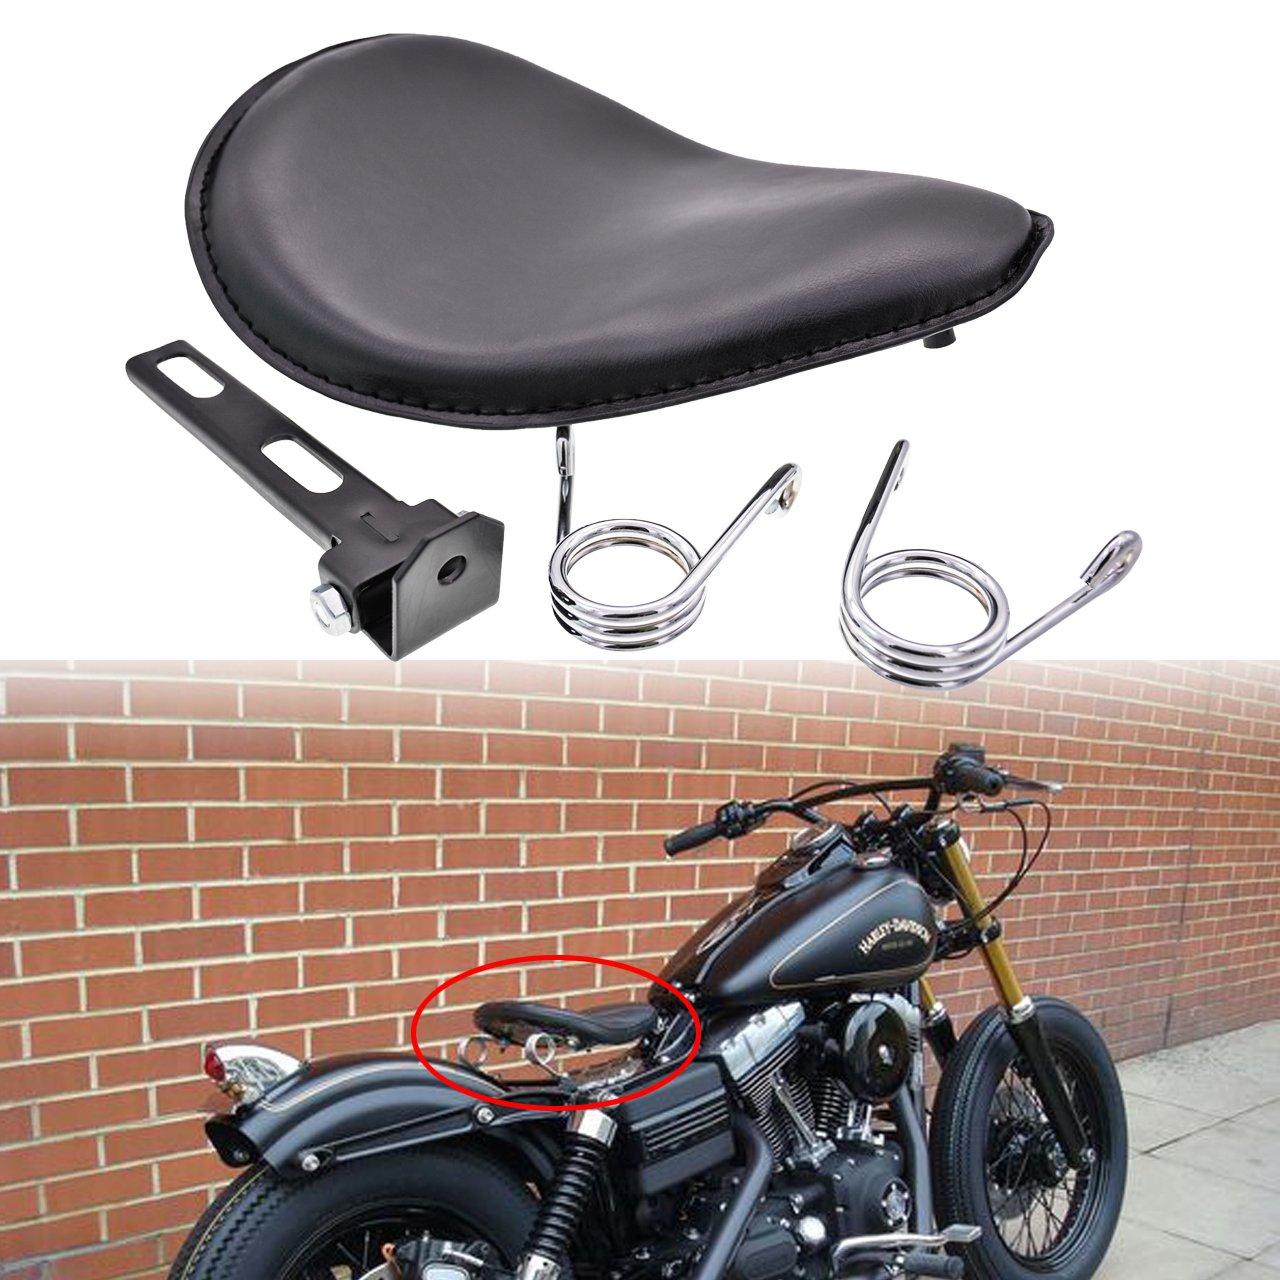 NATGIC Kit de Soporte de Asiento Individual para Motocicleta de 2 Pulgadas para Harley Chopper Bobber Softail Sportster